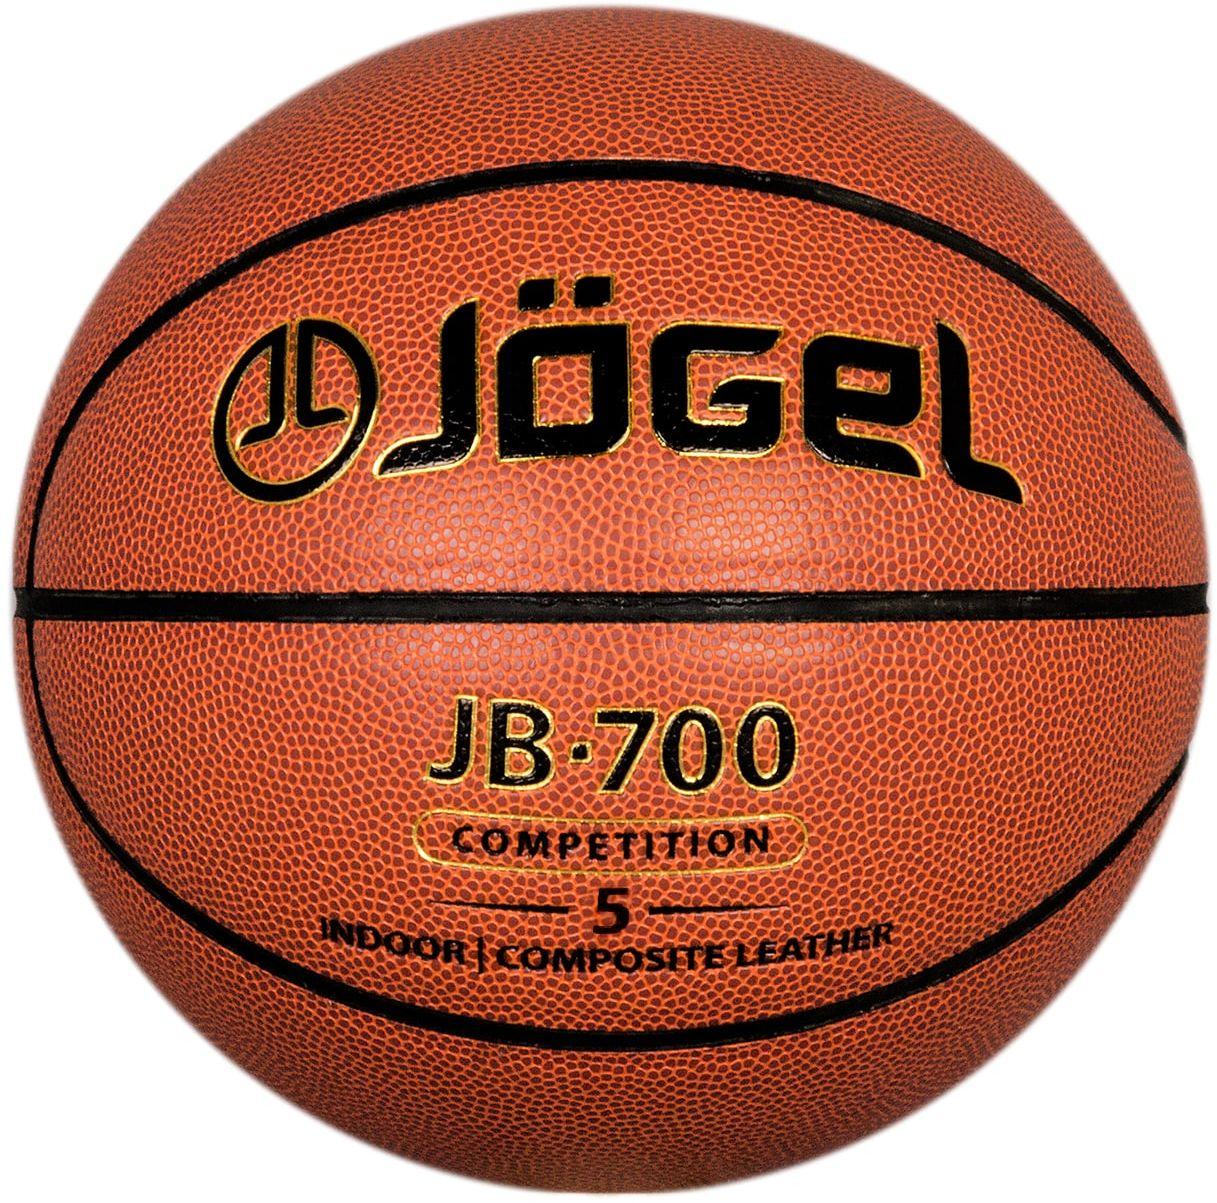 Мяч баскетбольный Jоgel JB-700, цвет: коричневый. Размер 5 мяч баскетбольный jogel цвет коричневый размер 7 jb 700